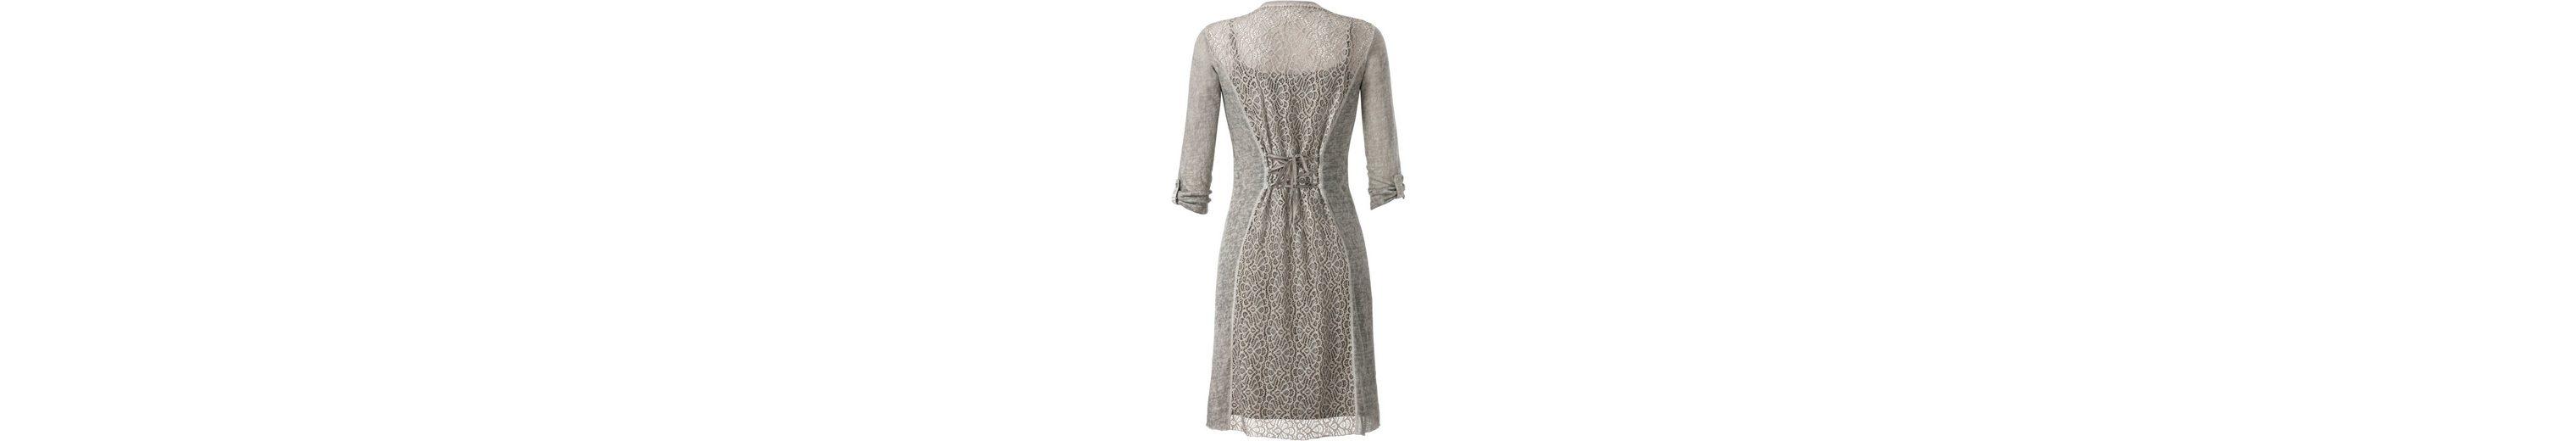 Classic Inspirationen Kleid mit angesagter oil dyed-Waschung Steckdose Mit Paypal Online Bestellen 7L1gm